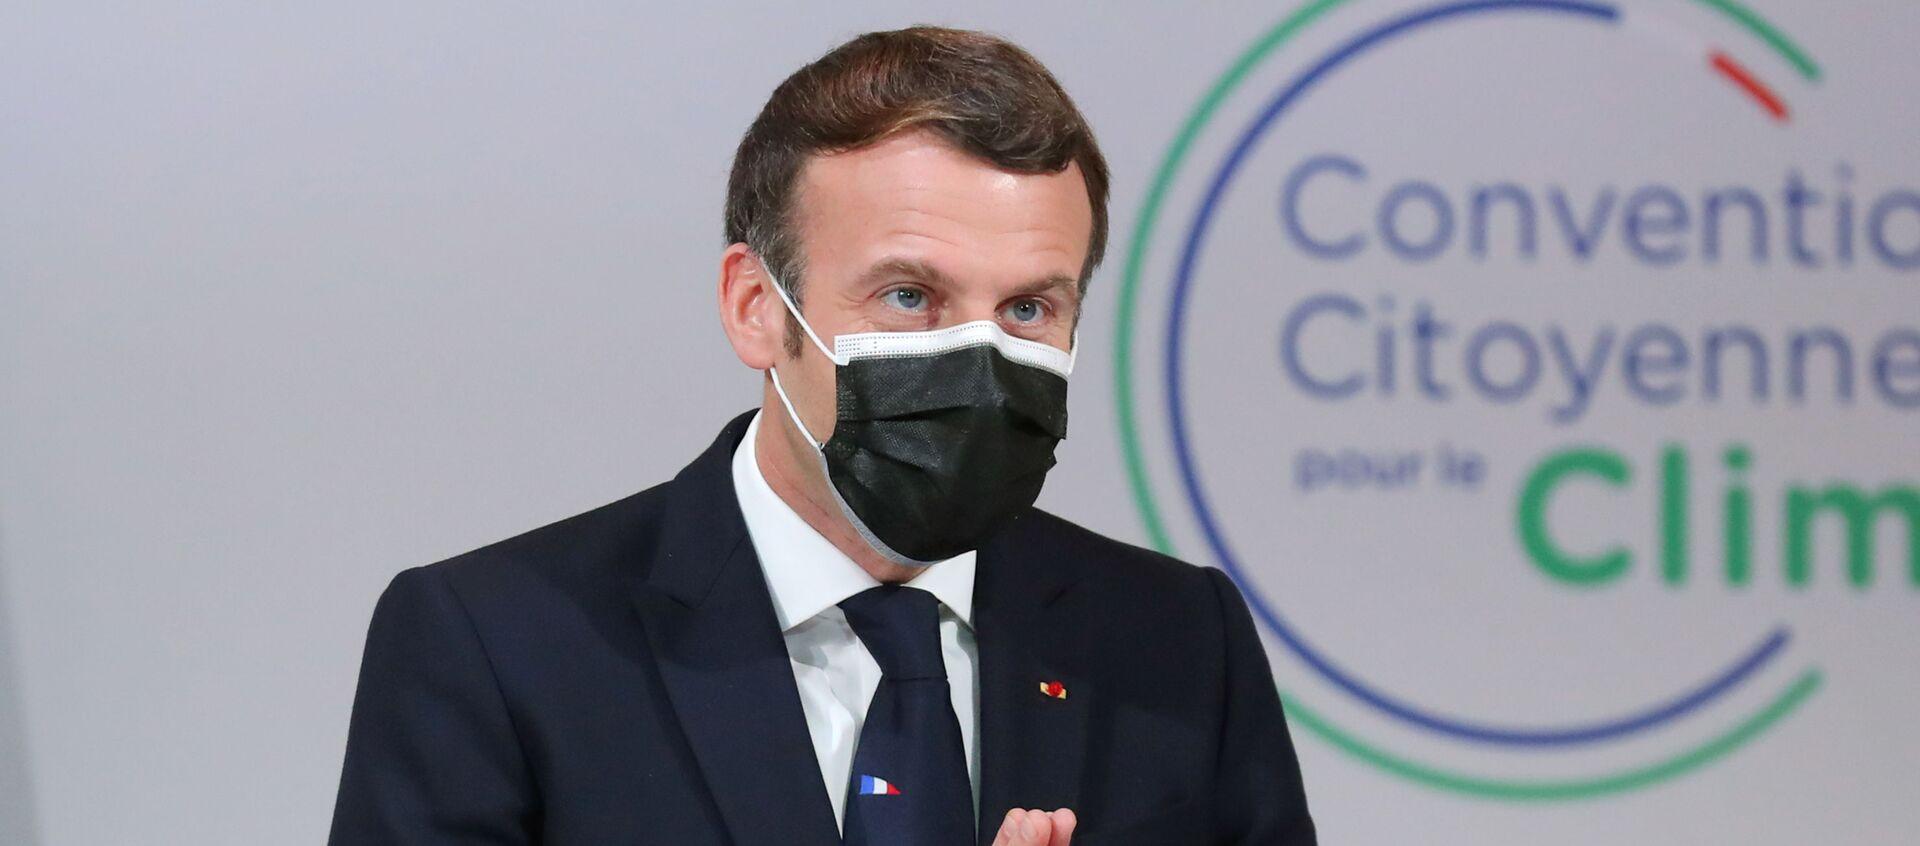 Emmanuel Macron devant la Convention citoyenne pour le climat (CCC), le 14 décembre 2020 - Sputnik France, 1920, 21.01.2021